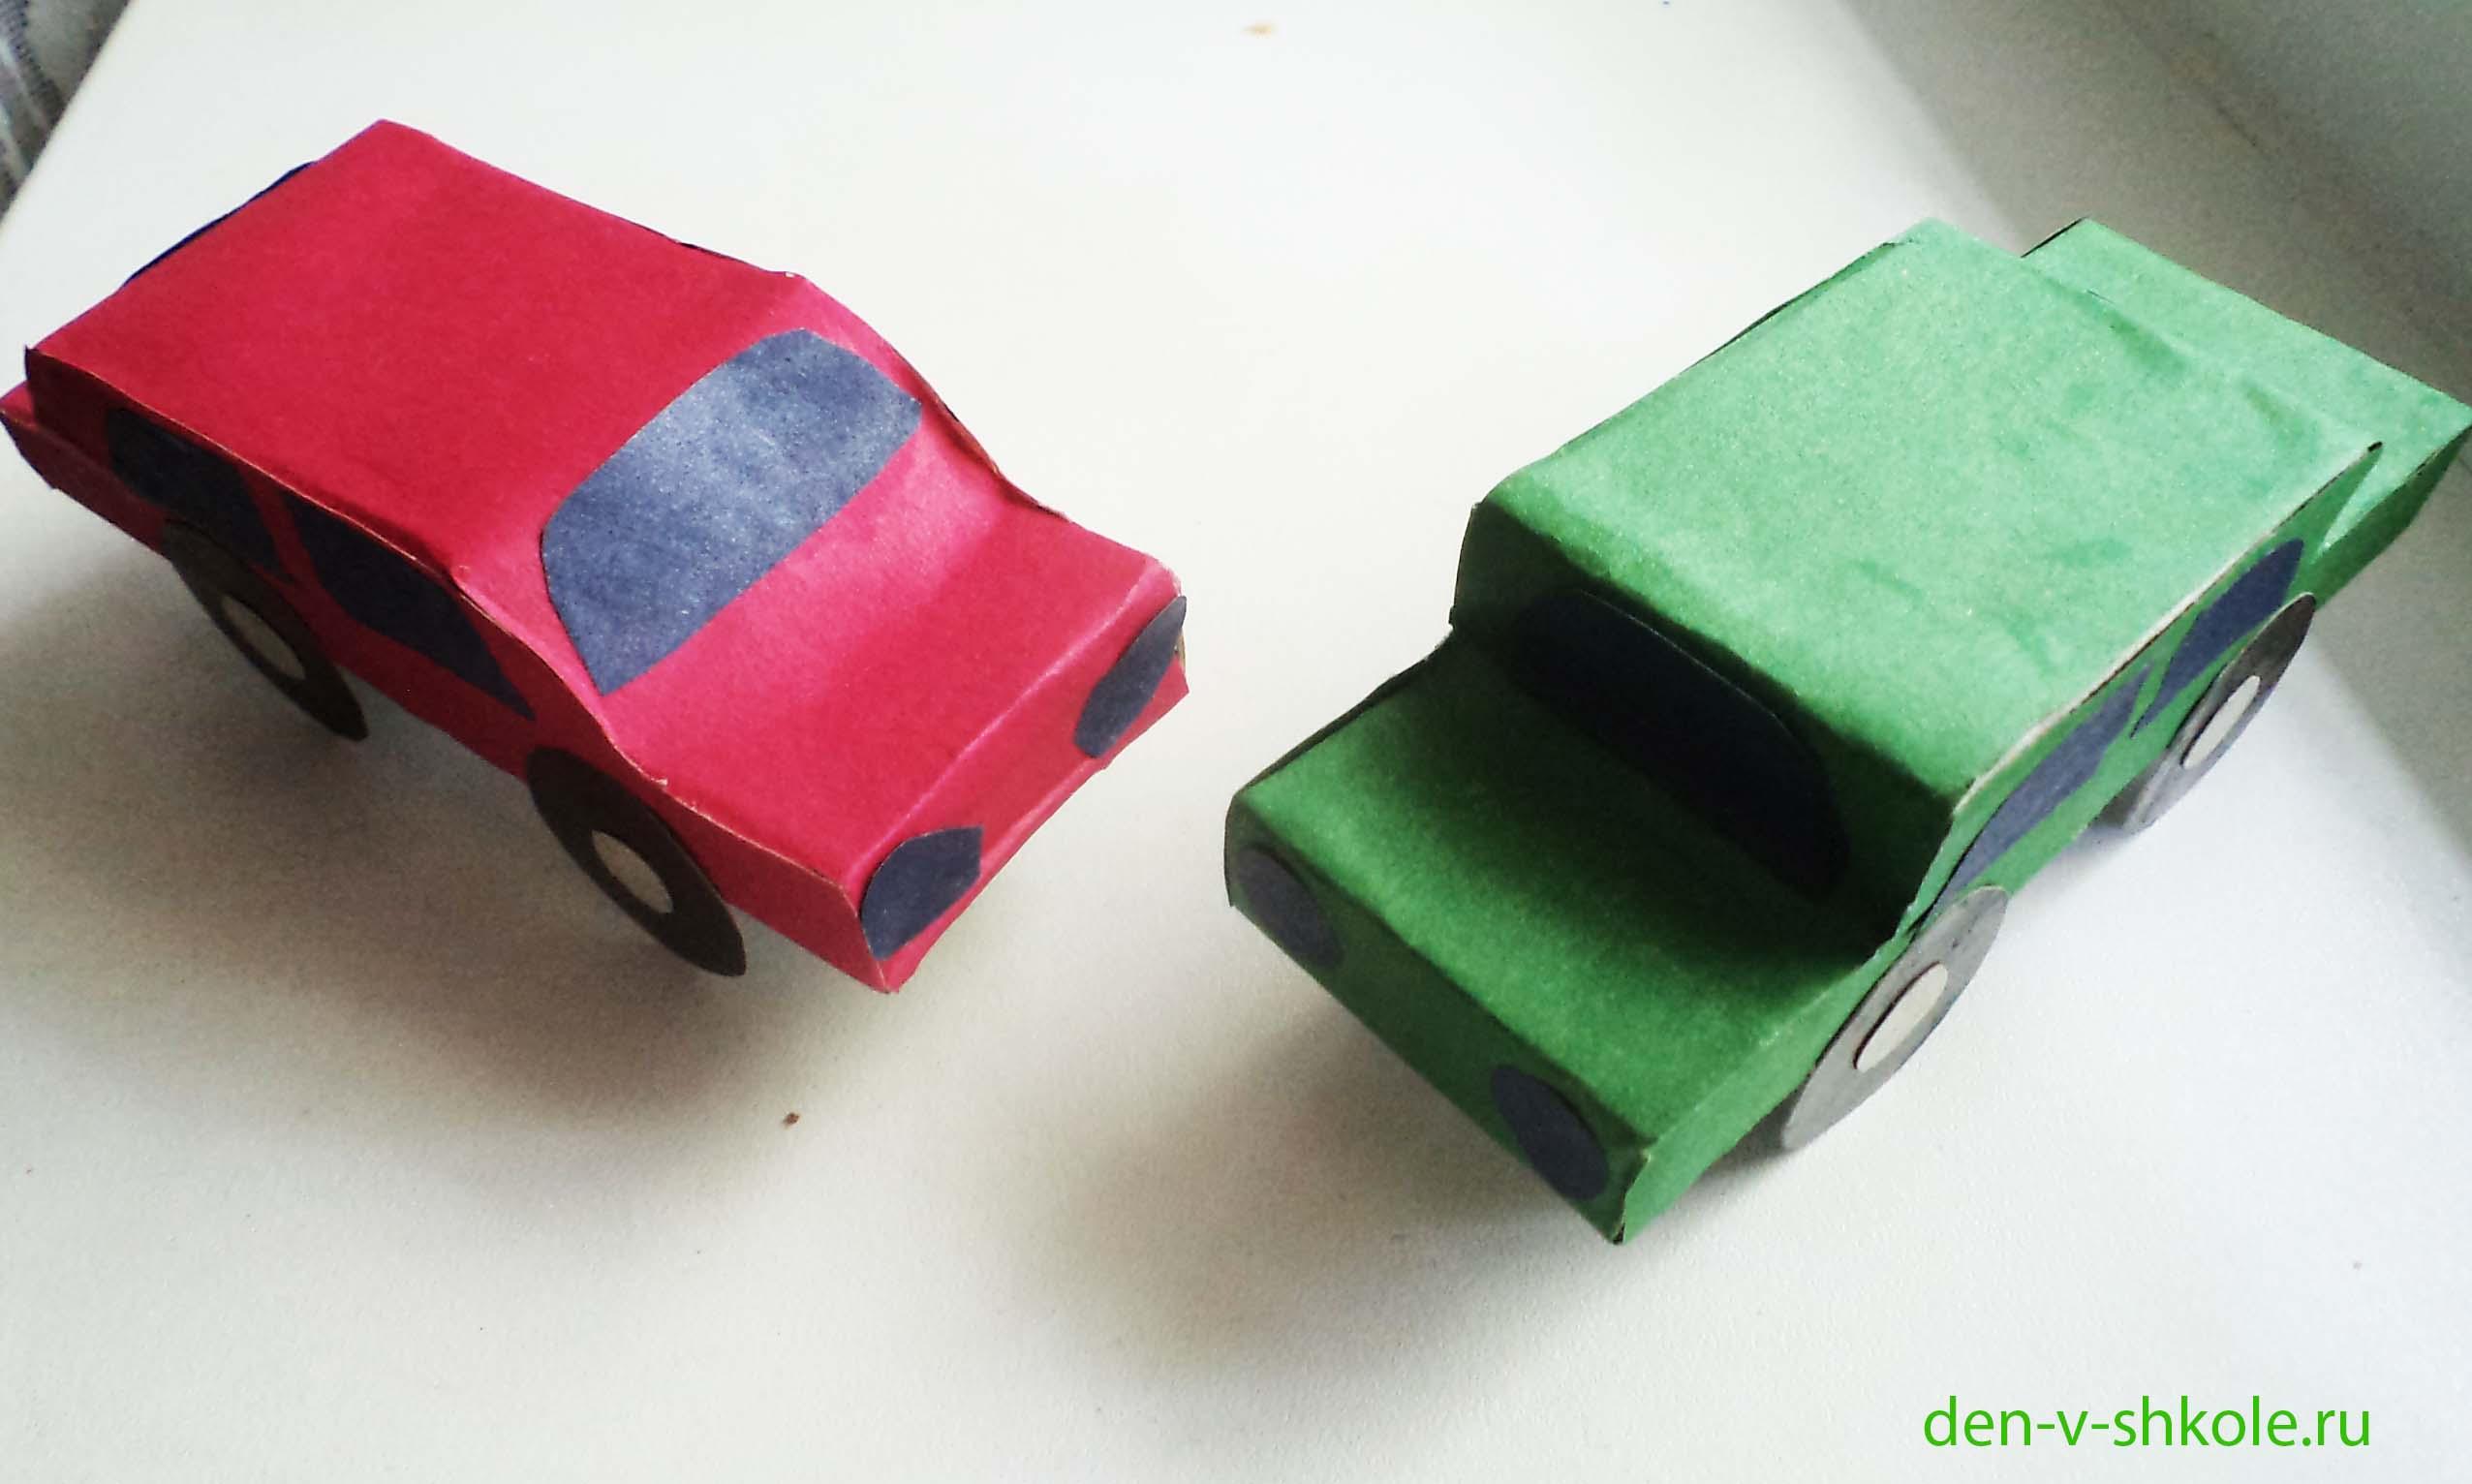 Поделки из спичечных коробок своими руками легко и быстро со схемами фото 684